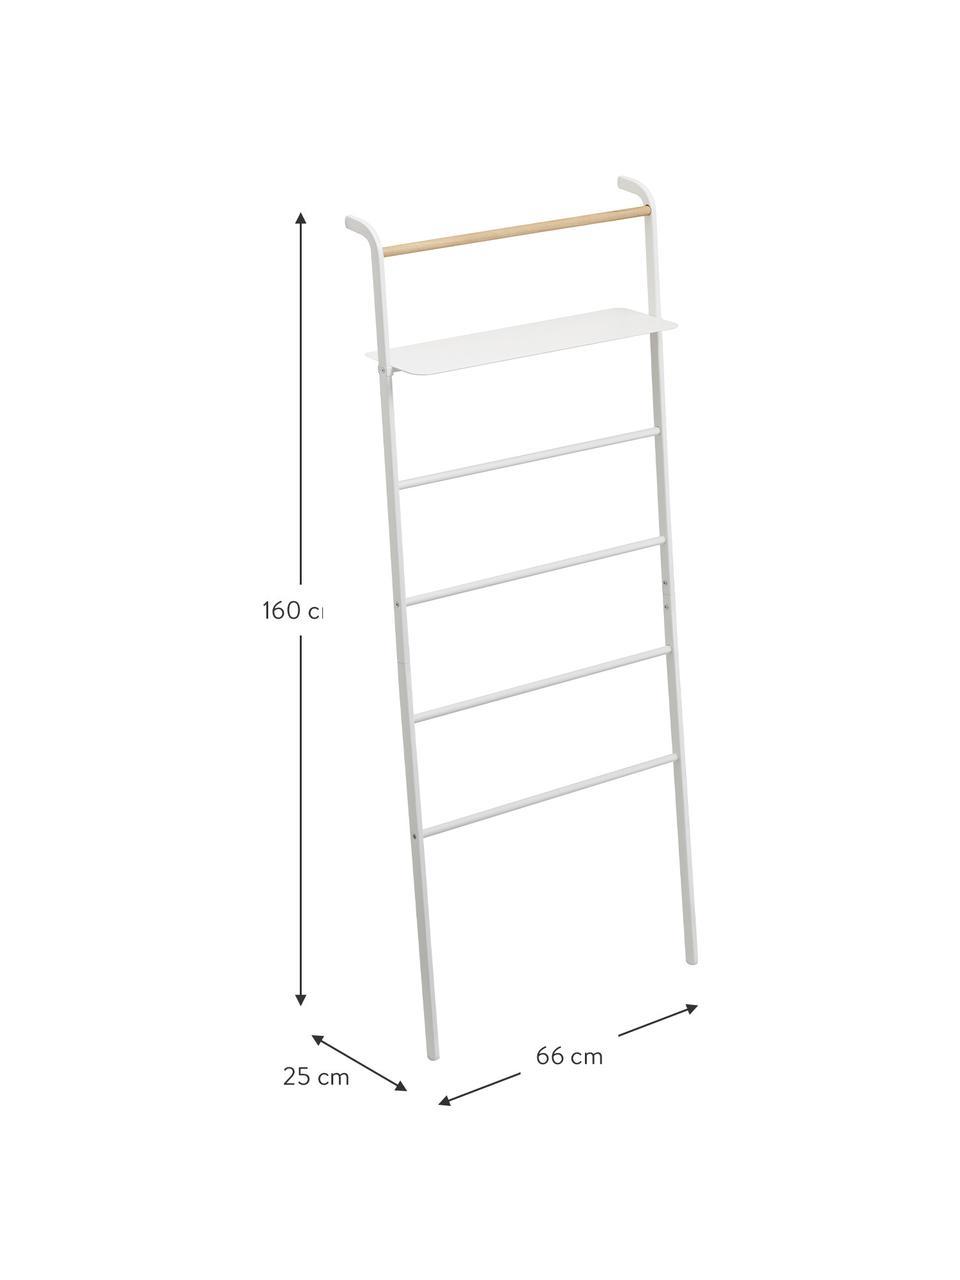 Metall-Leiterregal Lena in Weiß, Gestell: Metall, pulverbeschichtet, Stange: Holz, Weiß, 66 x 160 cm